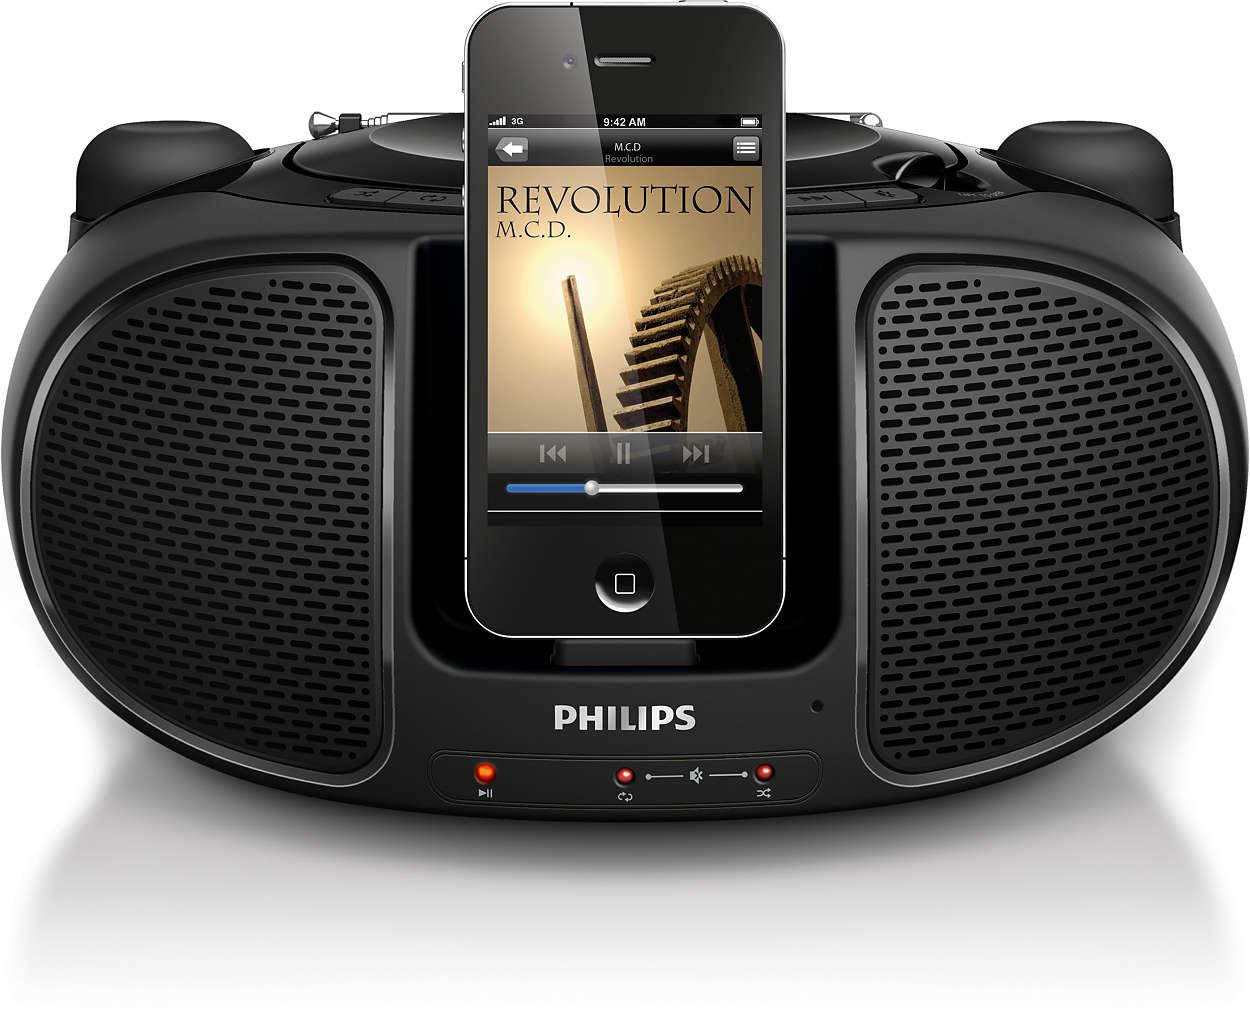 Élvezze iPod/iPhone készülékén tárolt zenéjét, bárhová is megy